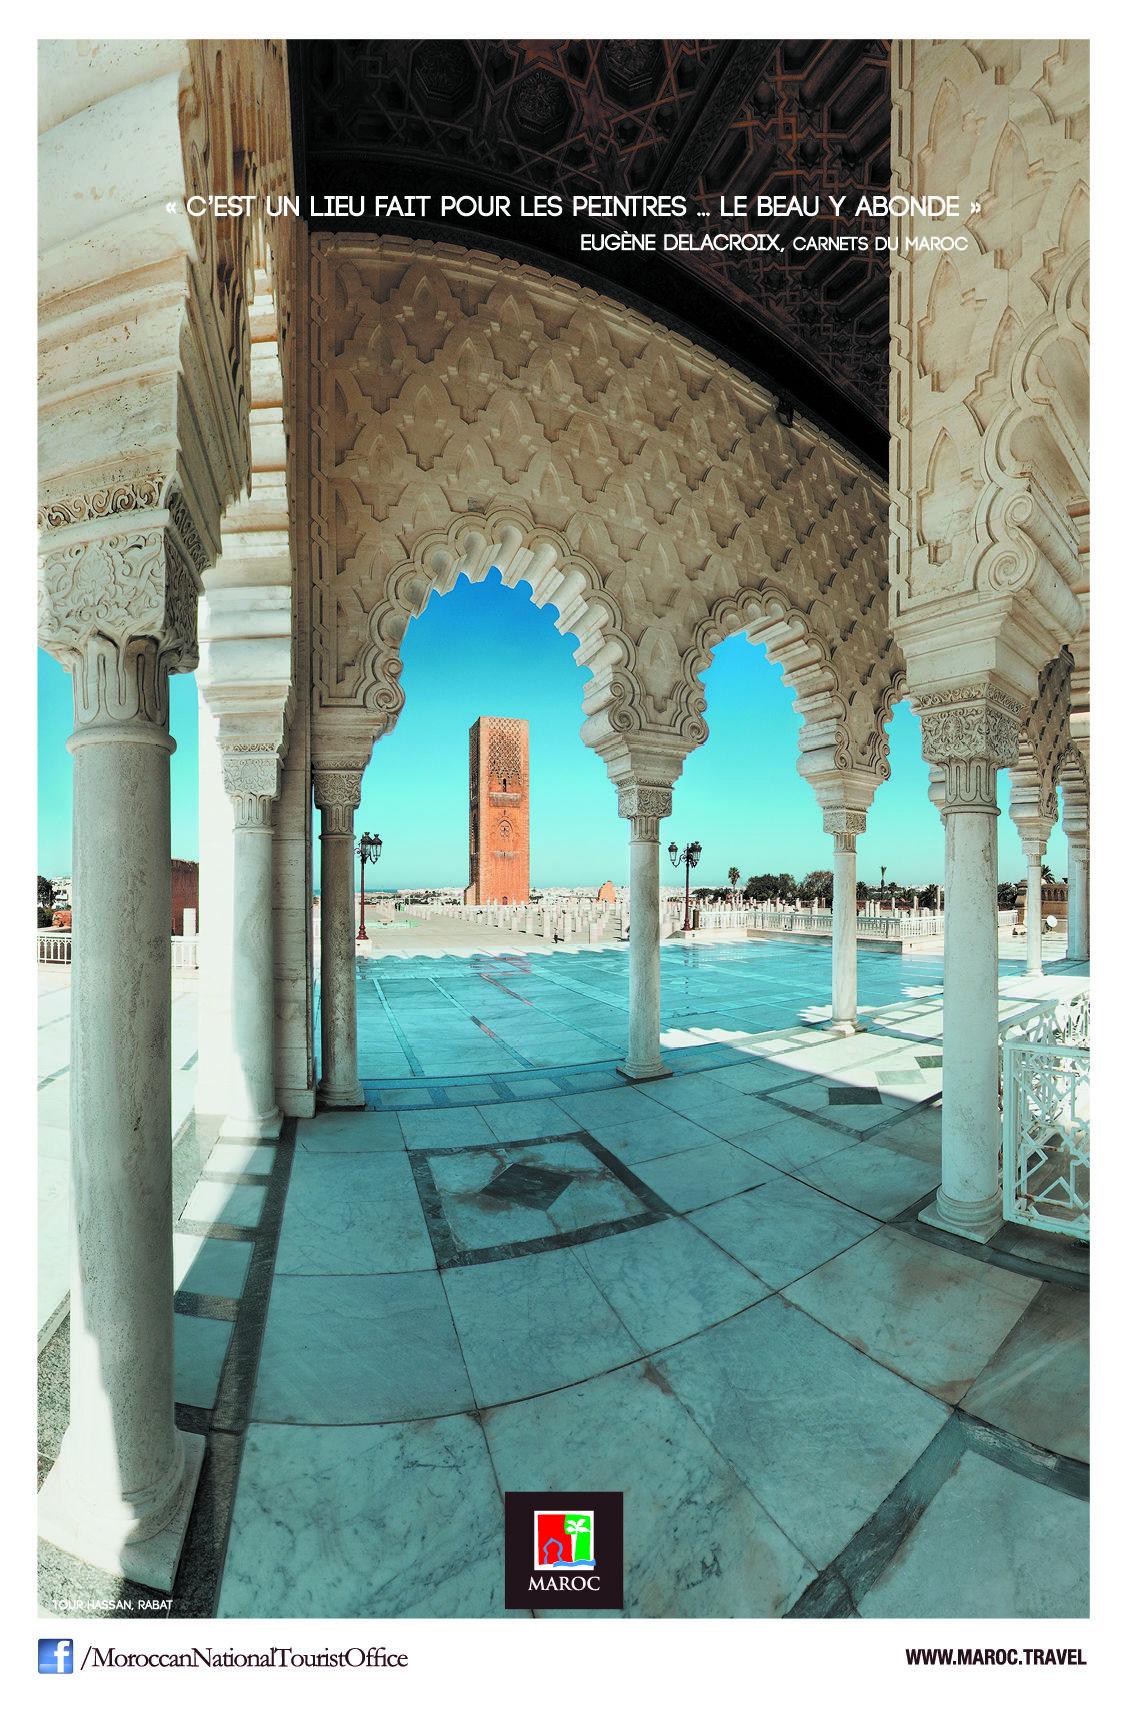 Office de tourisme du Maroc